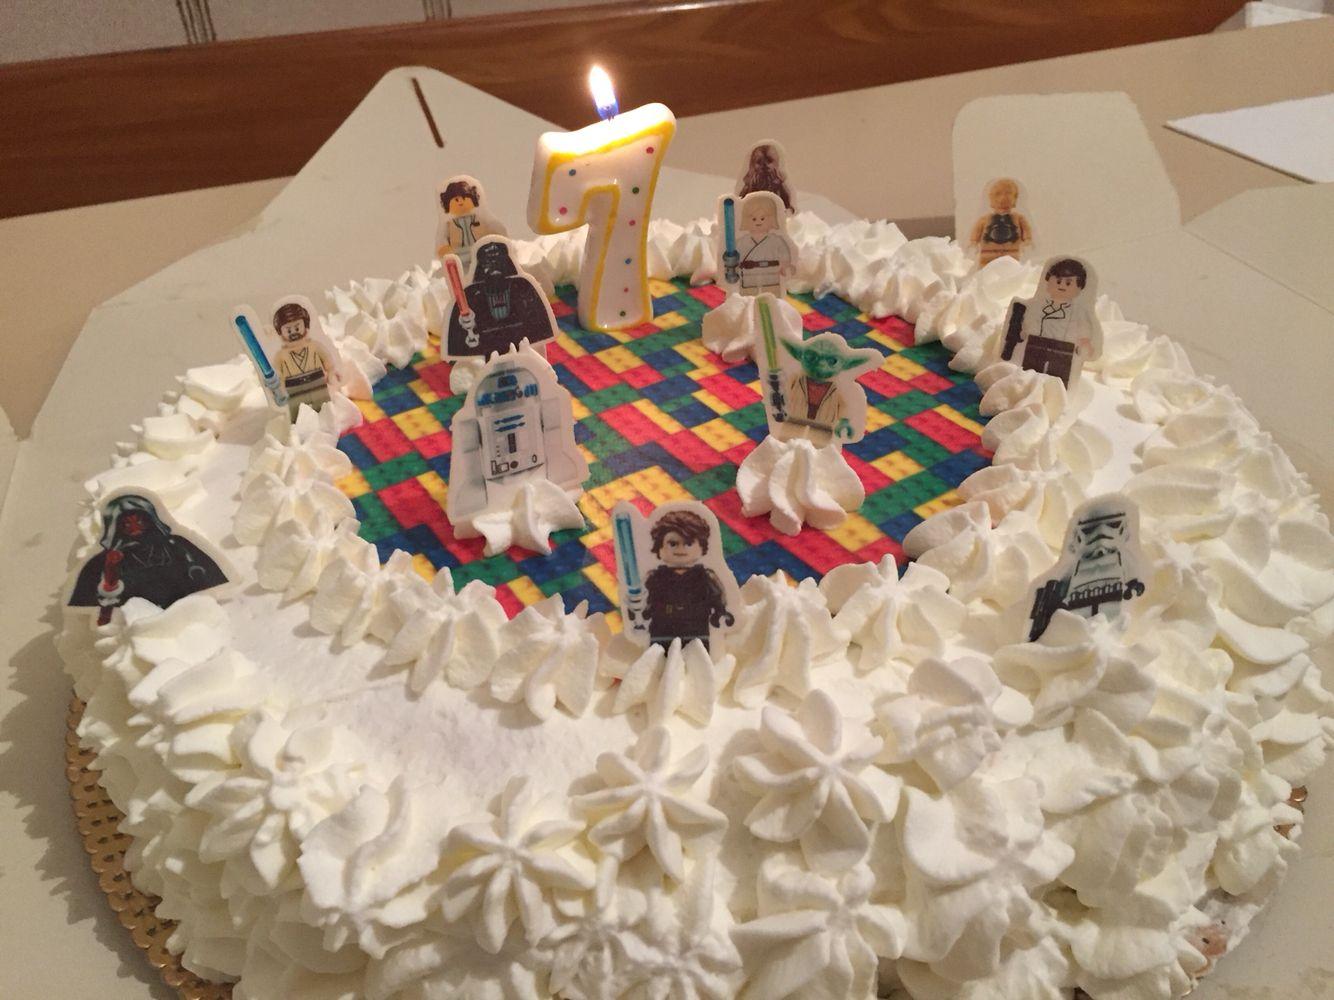 Torta Compleanno Con Personaggi Lego Torta Compleanno